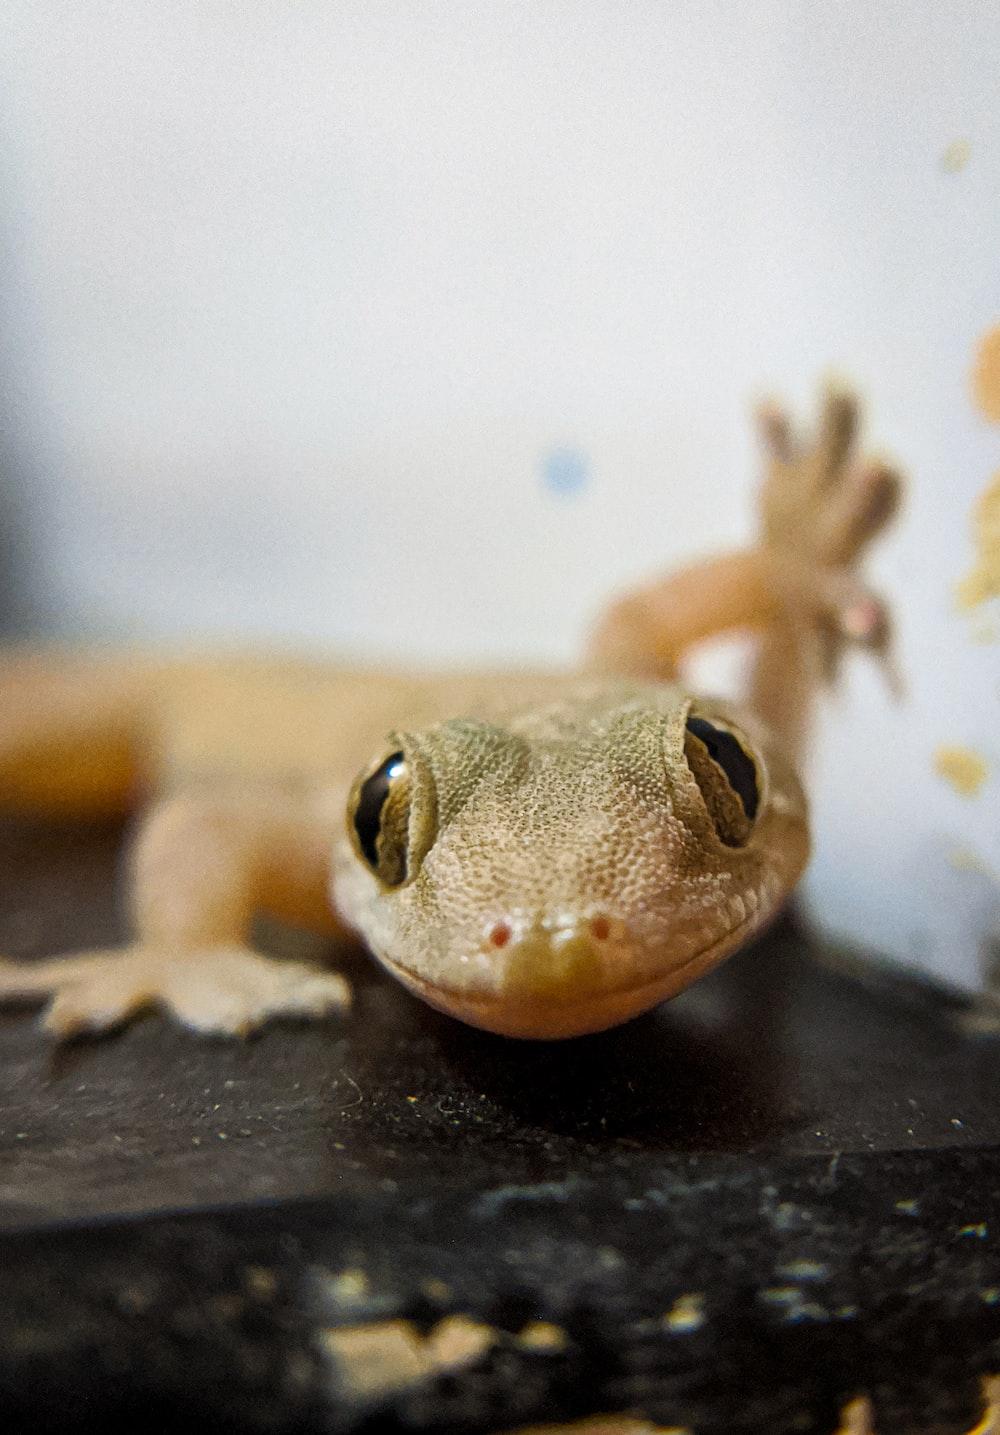 macro photography of yellow gecko